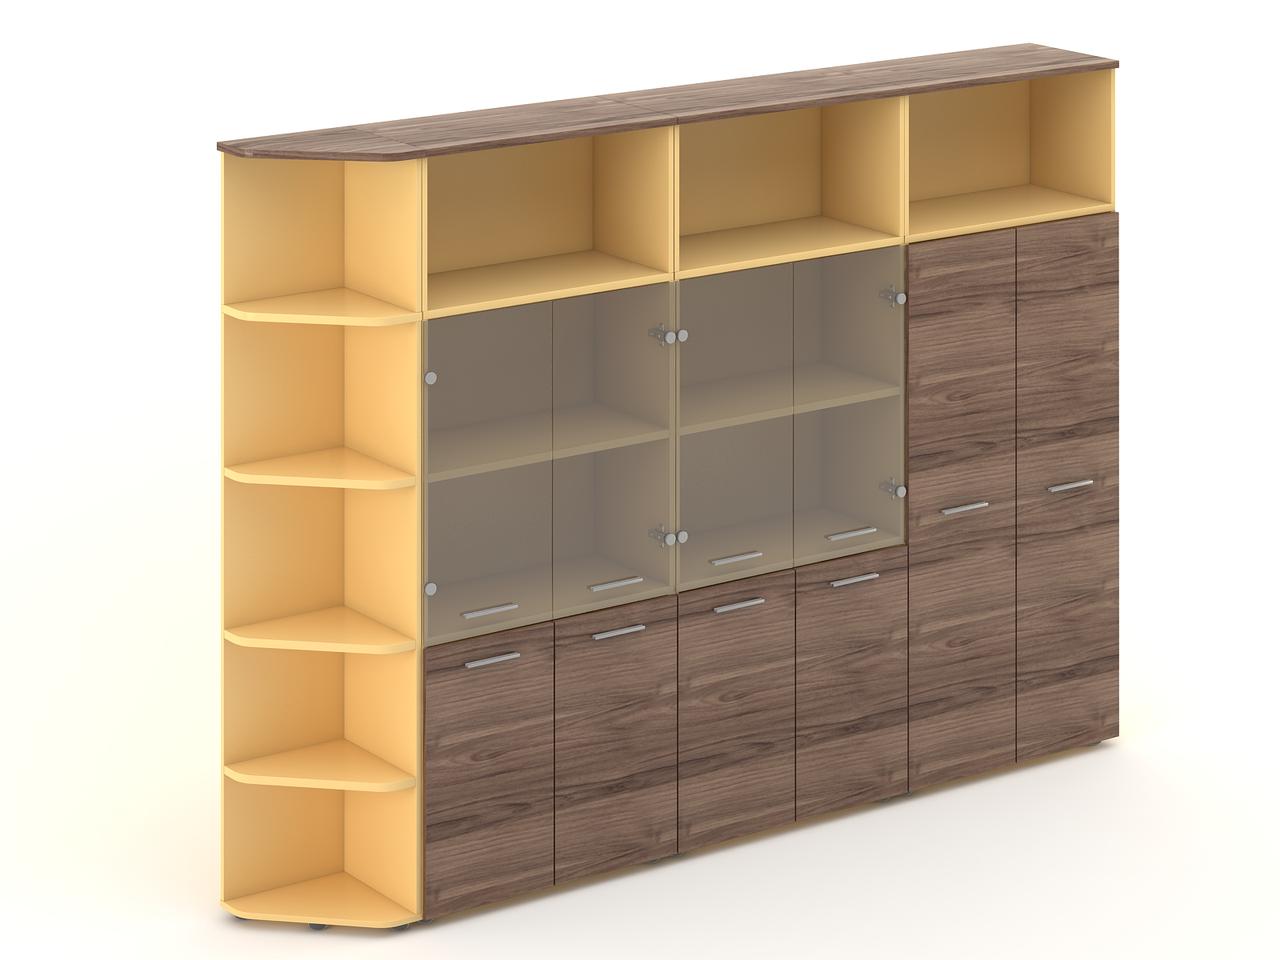 Комплект мебели для персонала серии Прайм композиция №29 ТМ MConcept